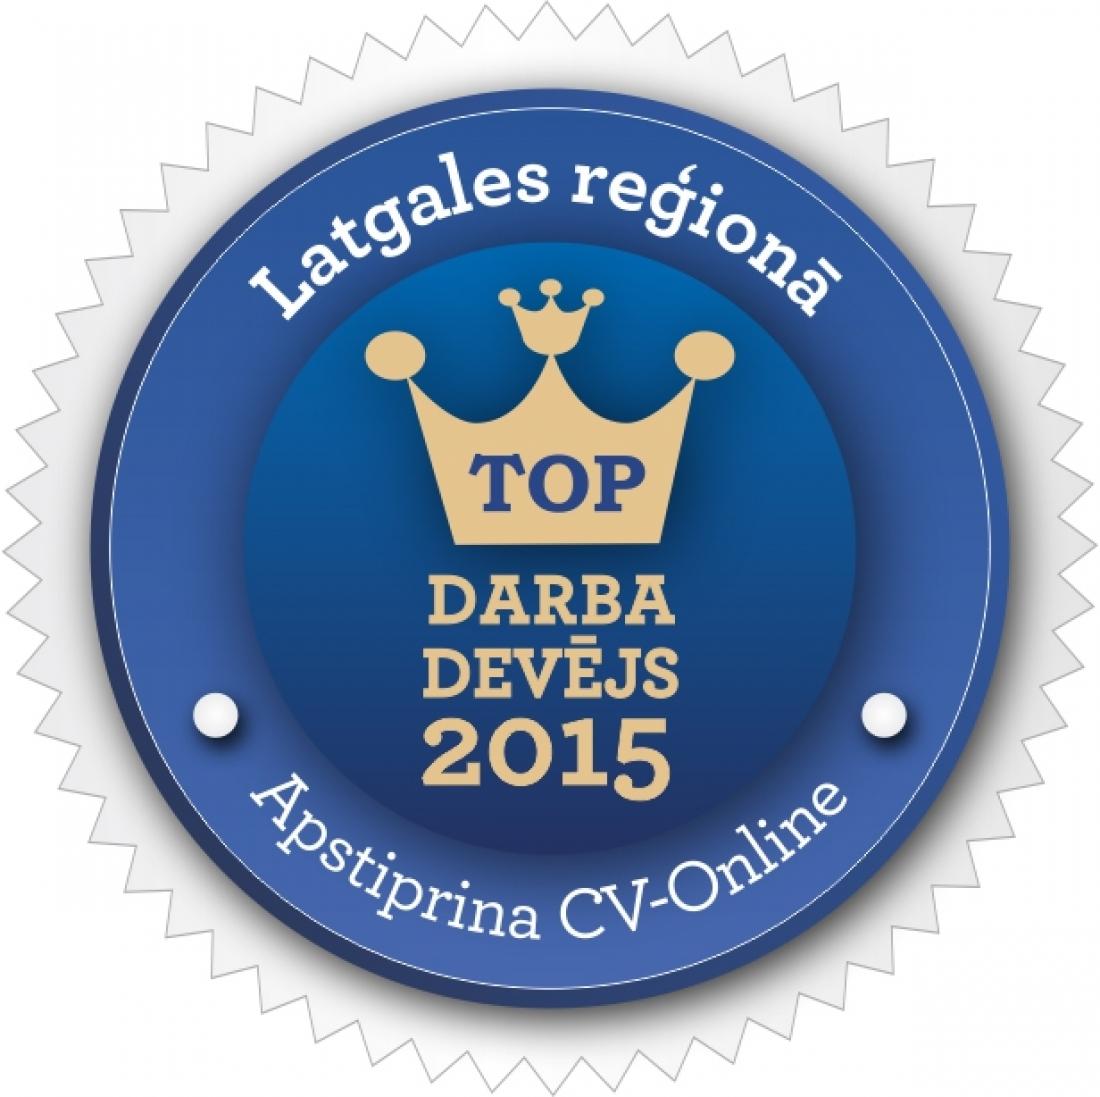 LATVIJAS MAIZNIEKS atkārtoti atzīts par labāko darba devēju Latgales reģionā